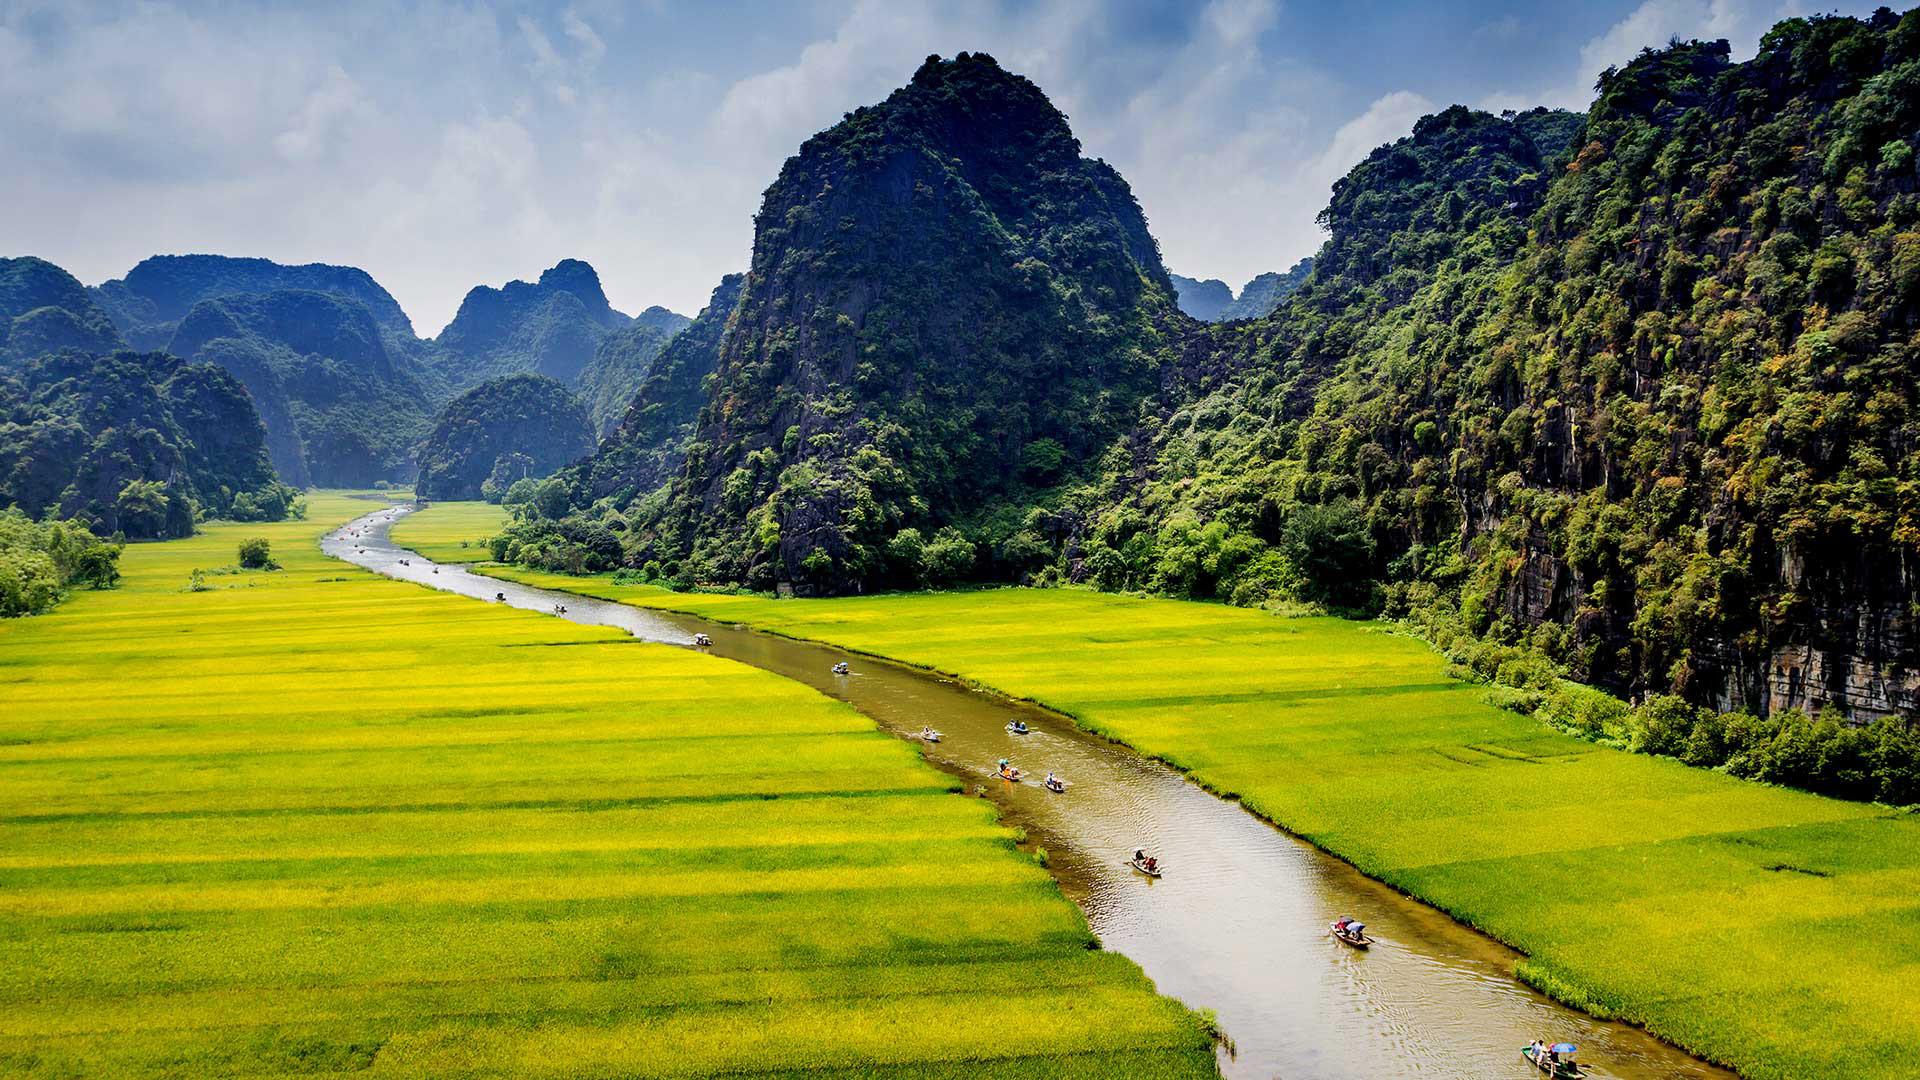 Giá vé và Kinh nghiệm tham quan Tam Cốc – Bích Động - Ninh Bình ...